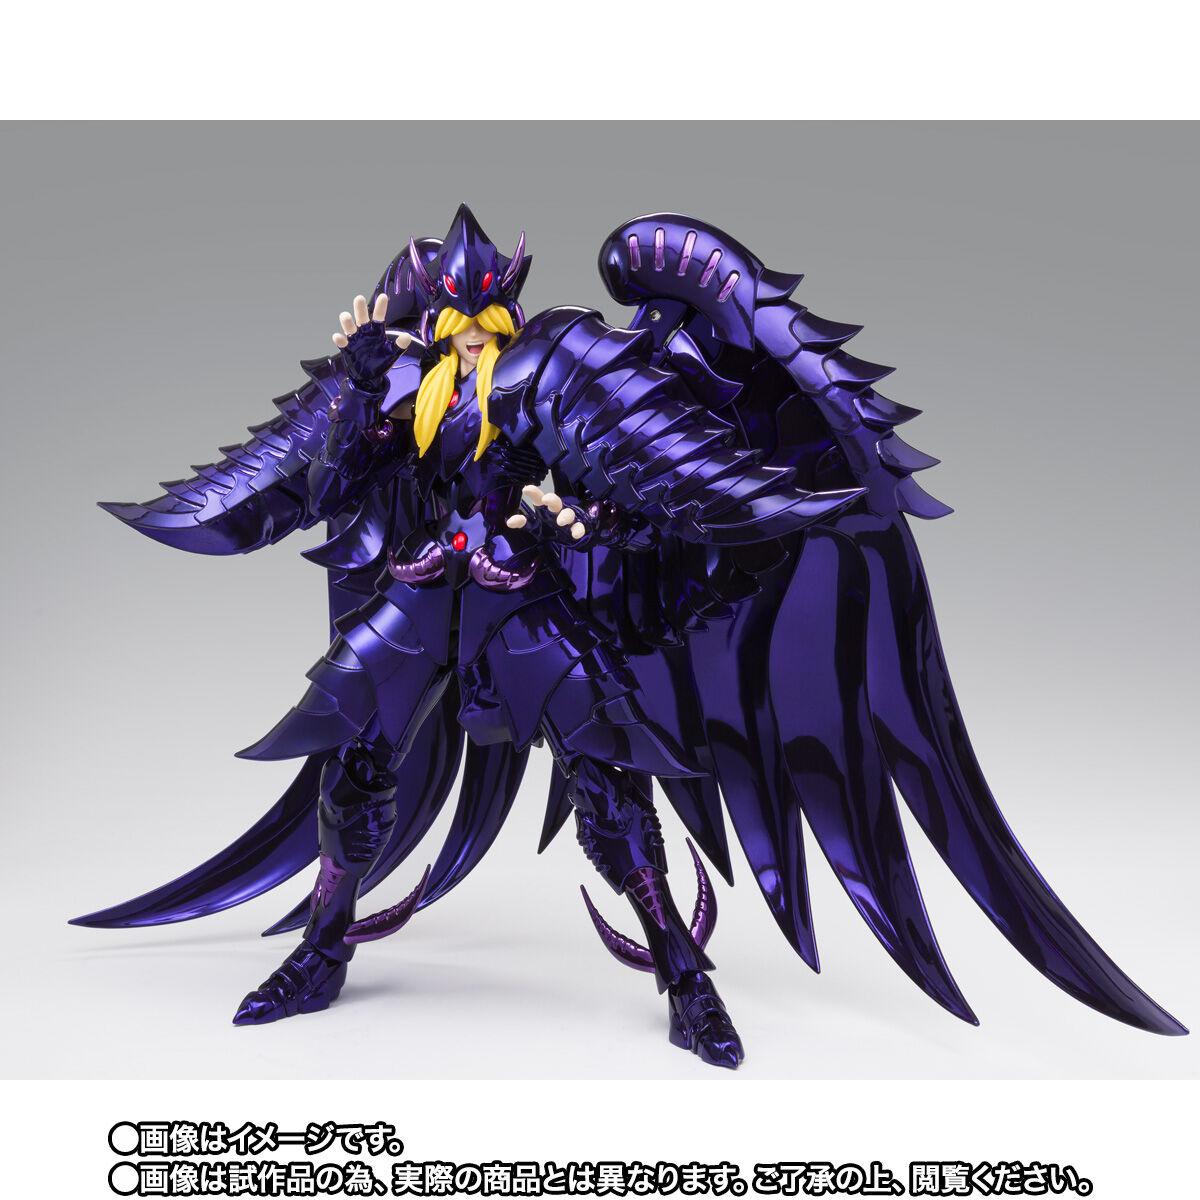 【限定販売】聖闘士聖衣神話EX『グリフォンミーノス ~ORIGINAL COLOR EDITION~』可動フィギュア-005